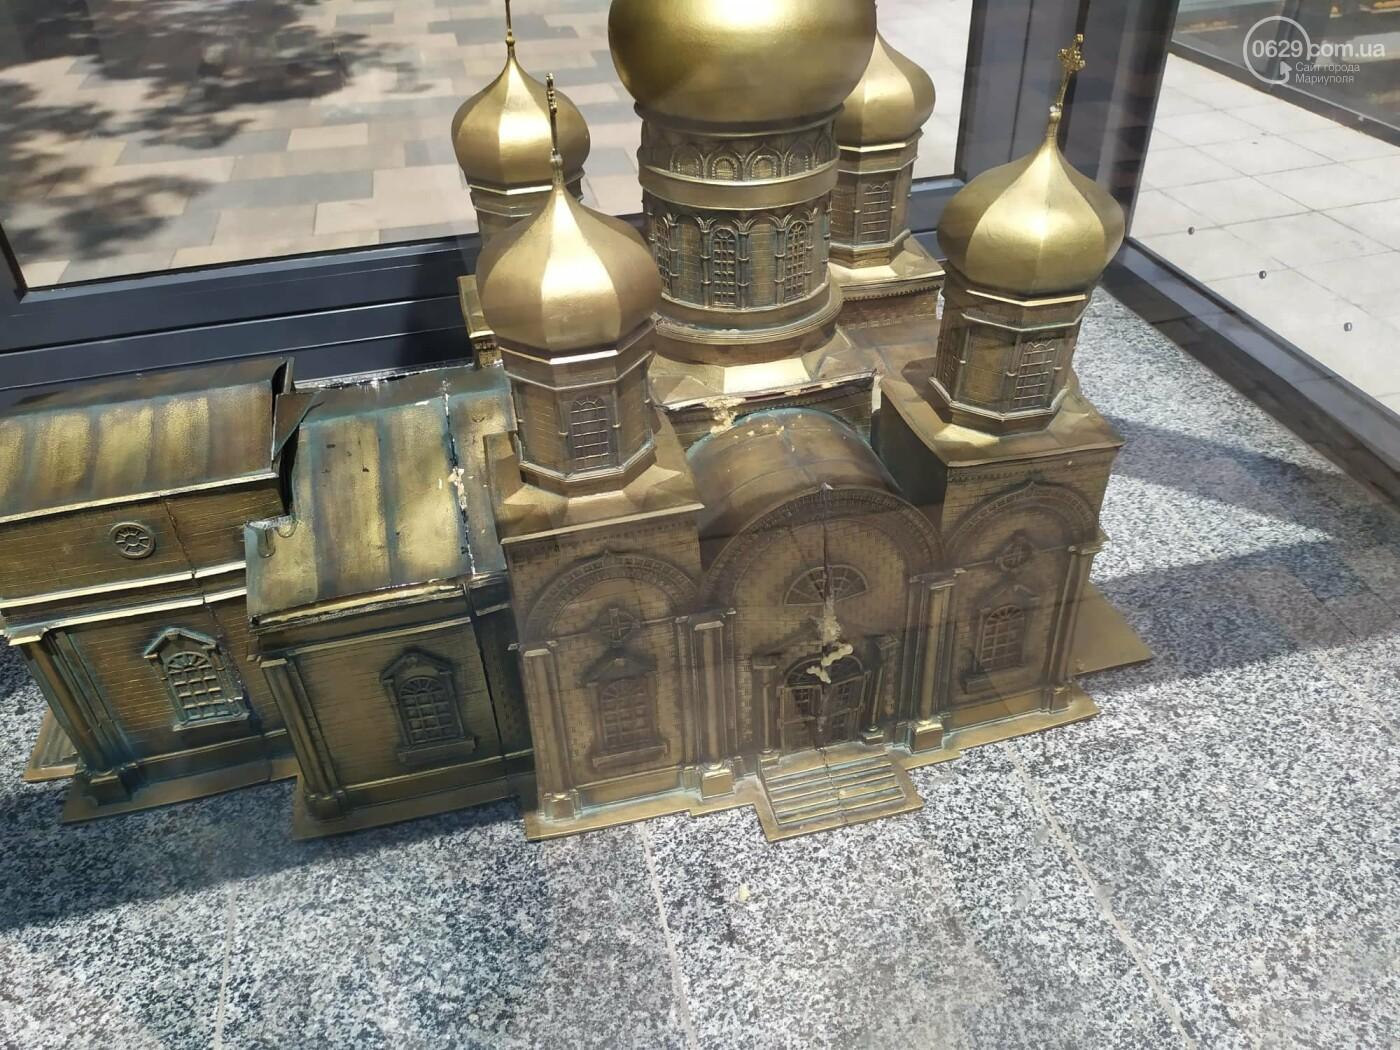 В Театральном сквере снова исчез макет храма Марии Магдалины, - ФОТО, фото-3